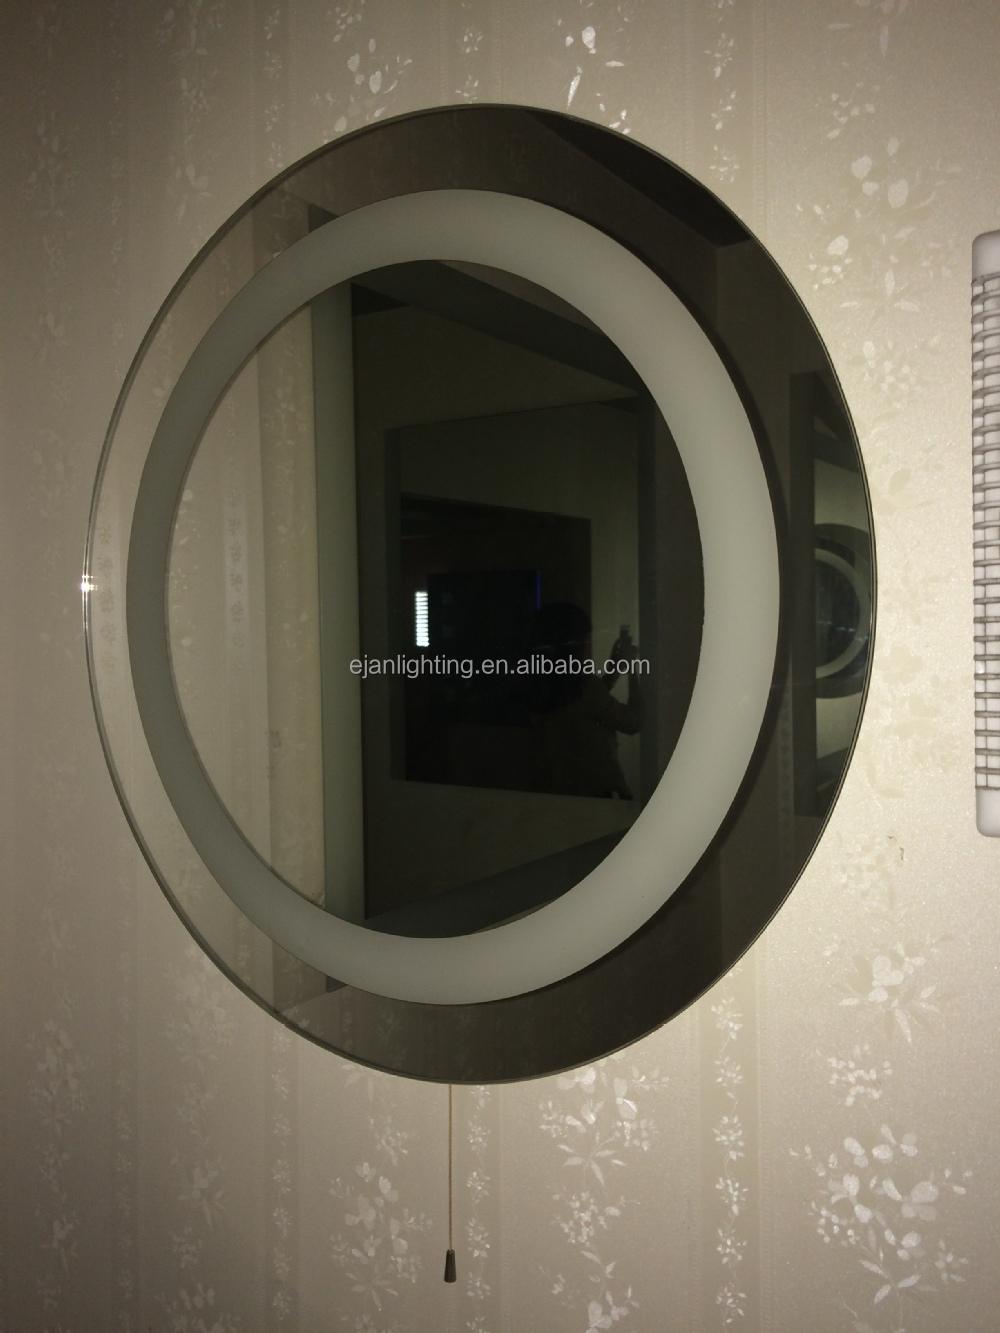 ce etl cetl led verlicht ovale badkamer spiegel-bad spiegels ...